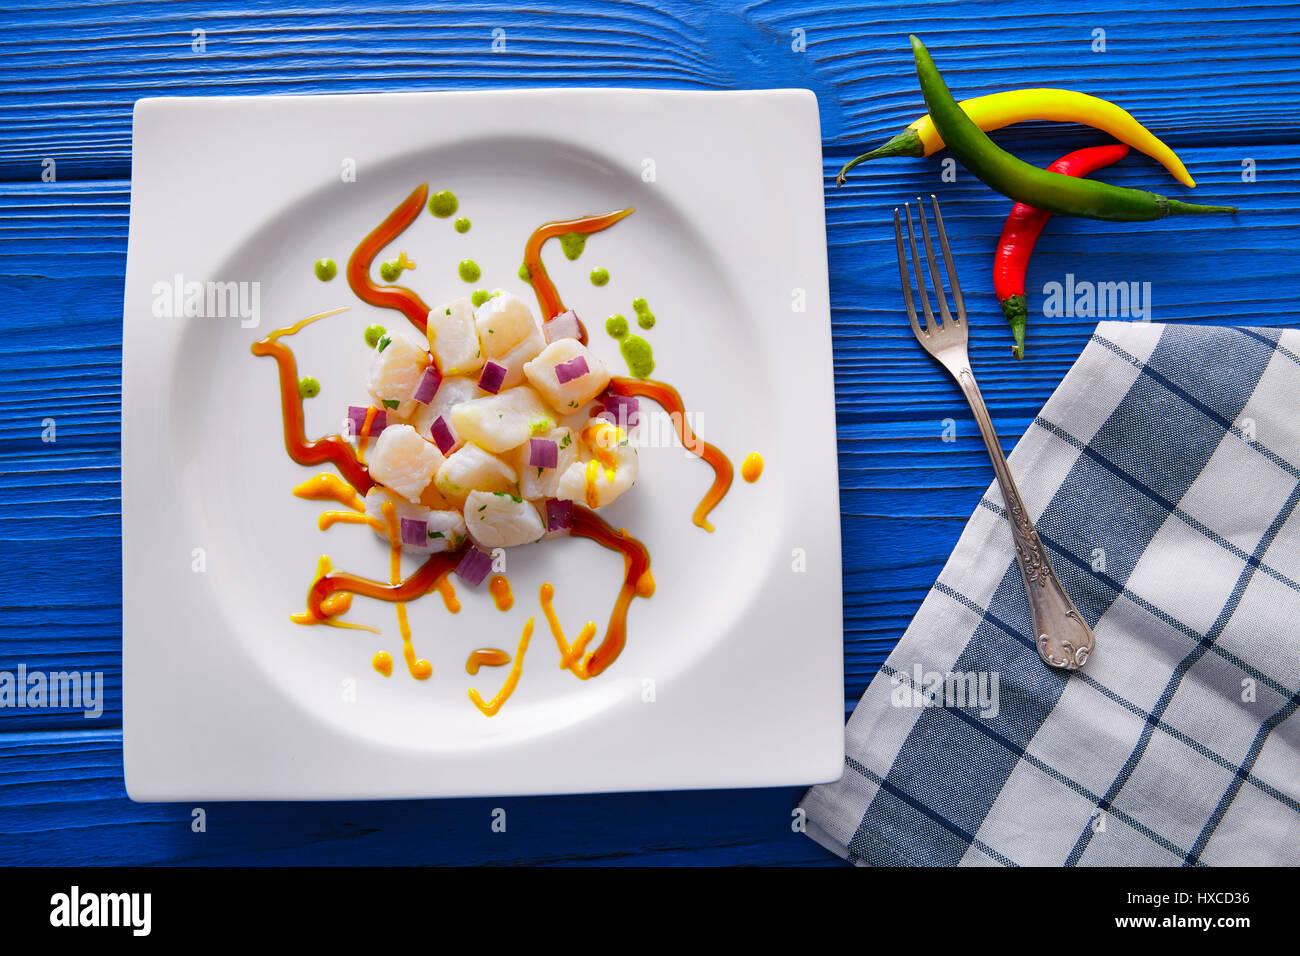 Ceviche ricetta gastronomia moderna stile cucina molecolare foto